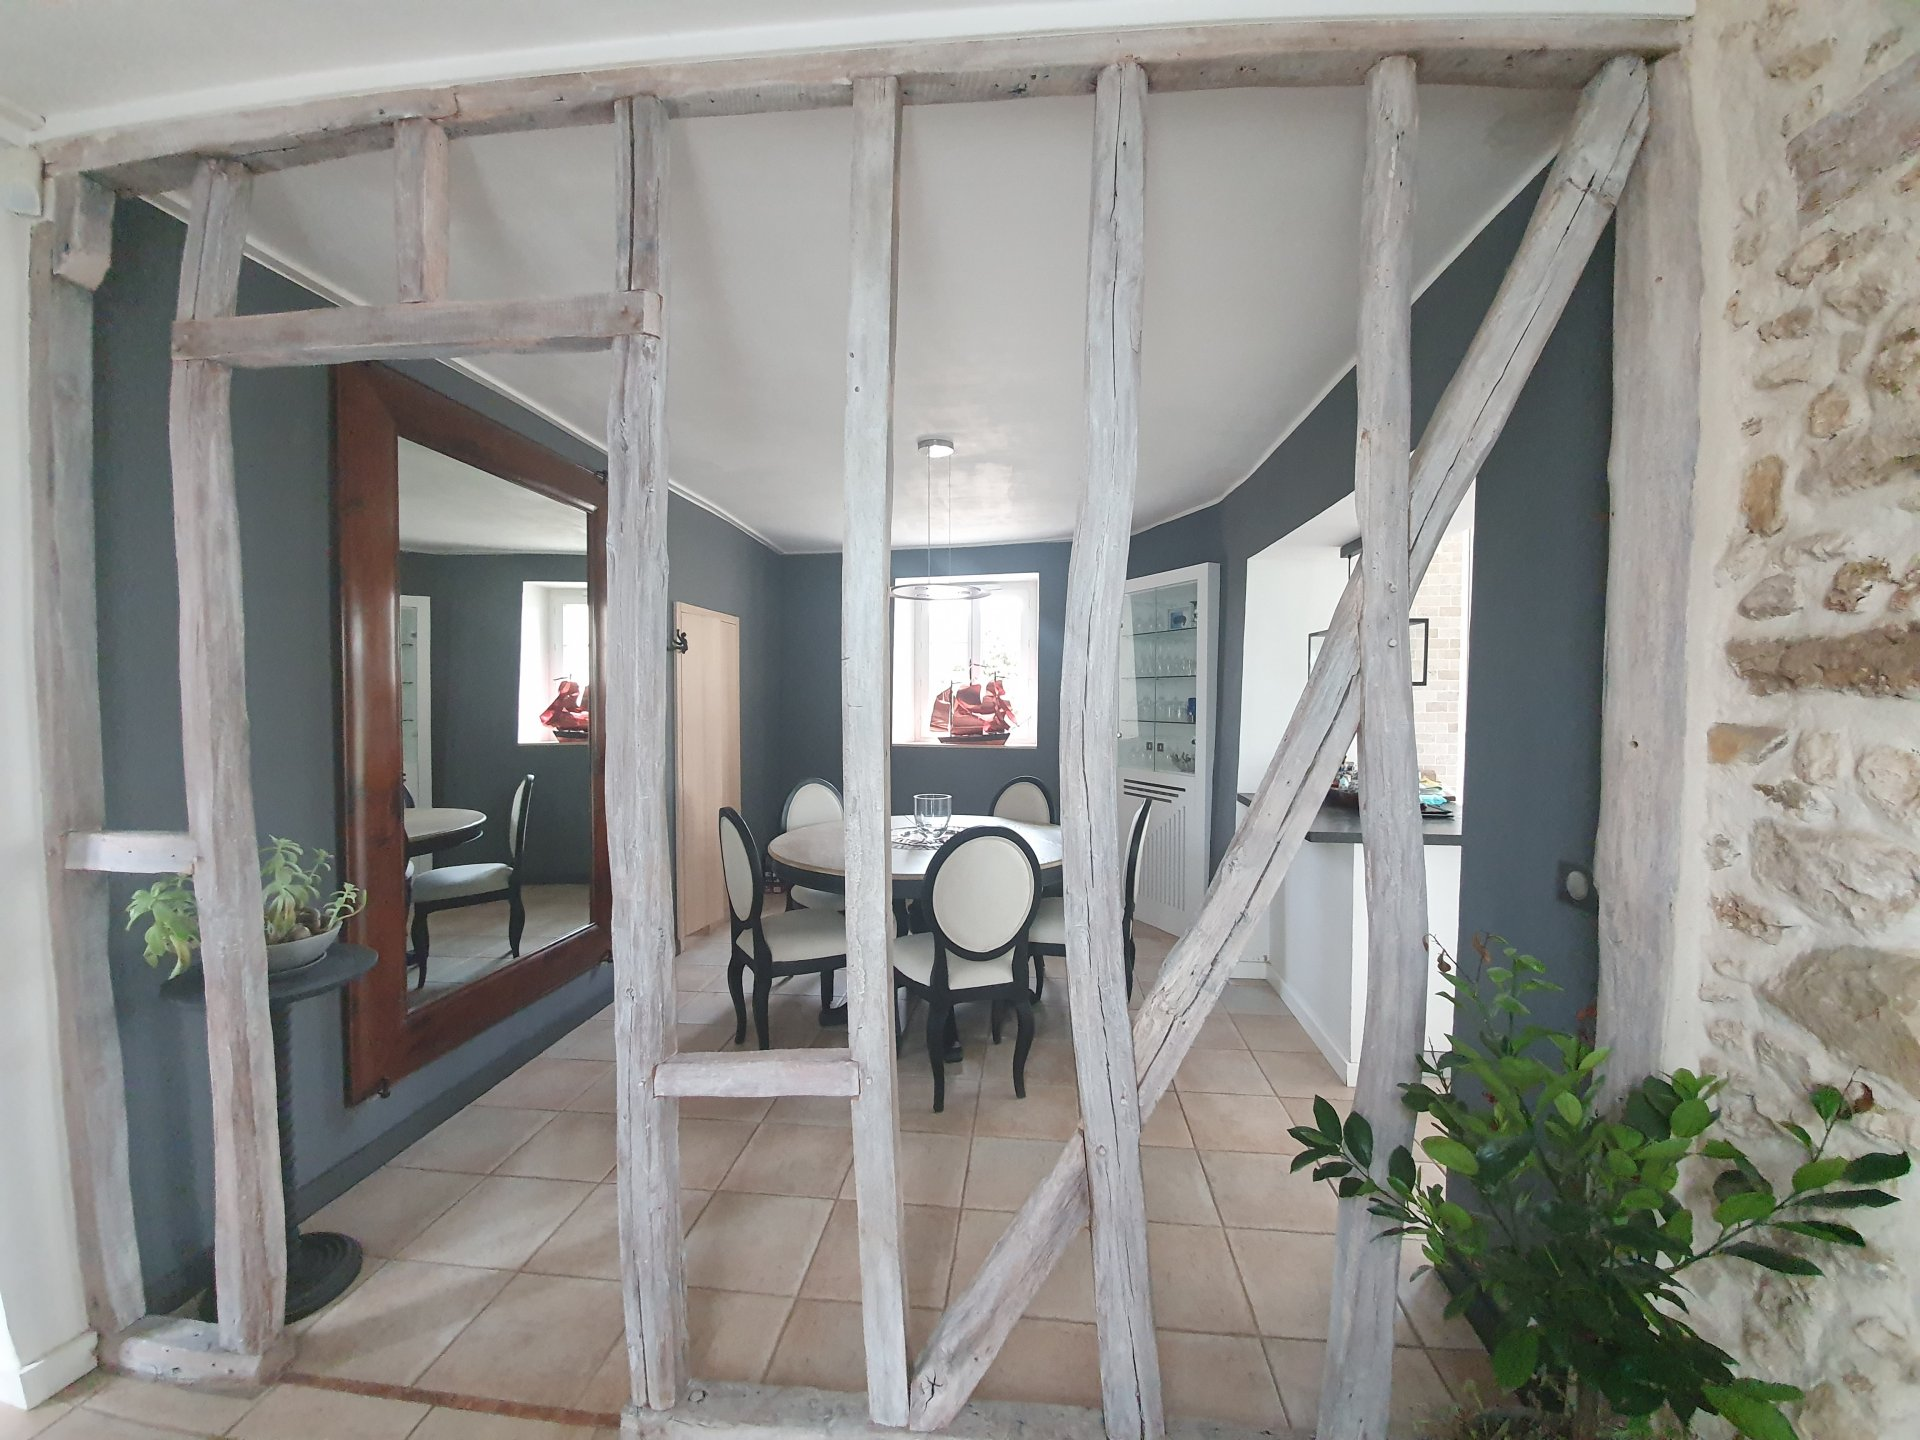 St Germain sur Ecole : Maison 7 pièces 200 m2